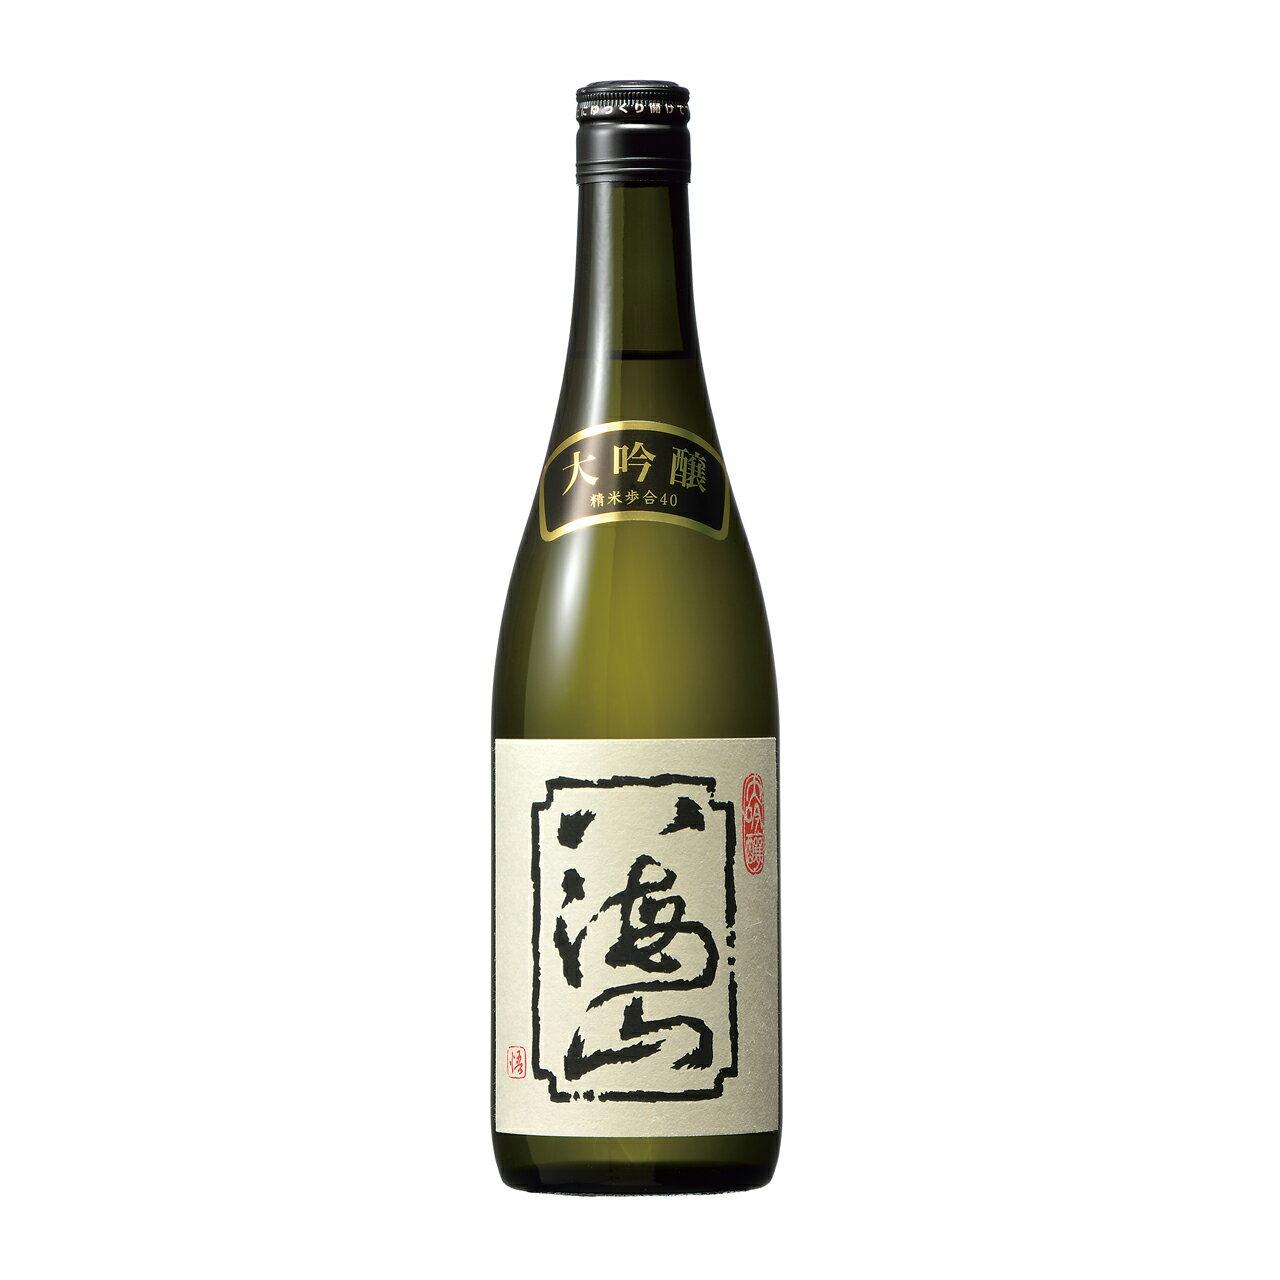 【お年賀 ギフト】八海山 大吟醸 720ML 新潟県 八海山 日本酒 あす楽